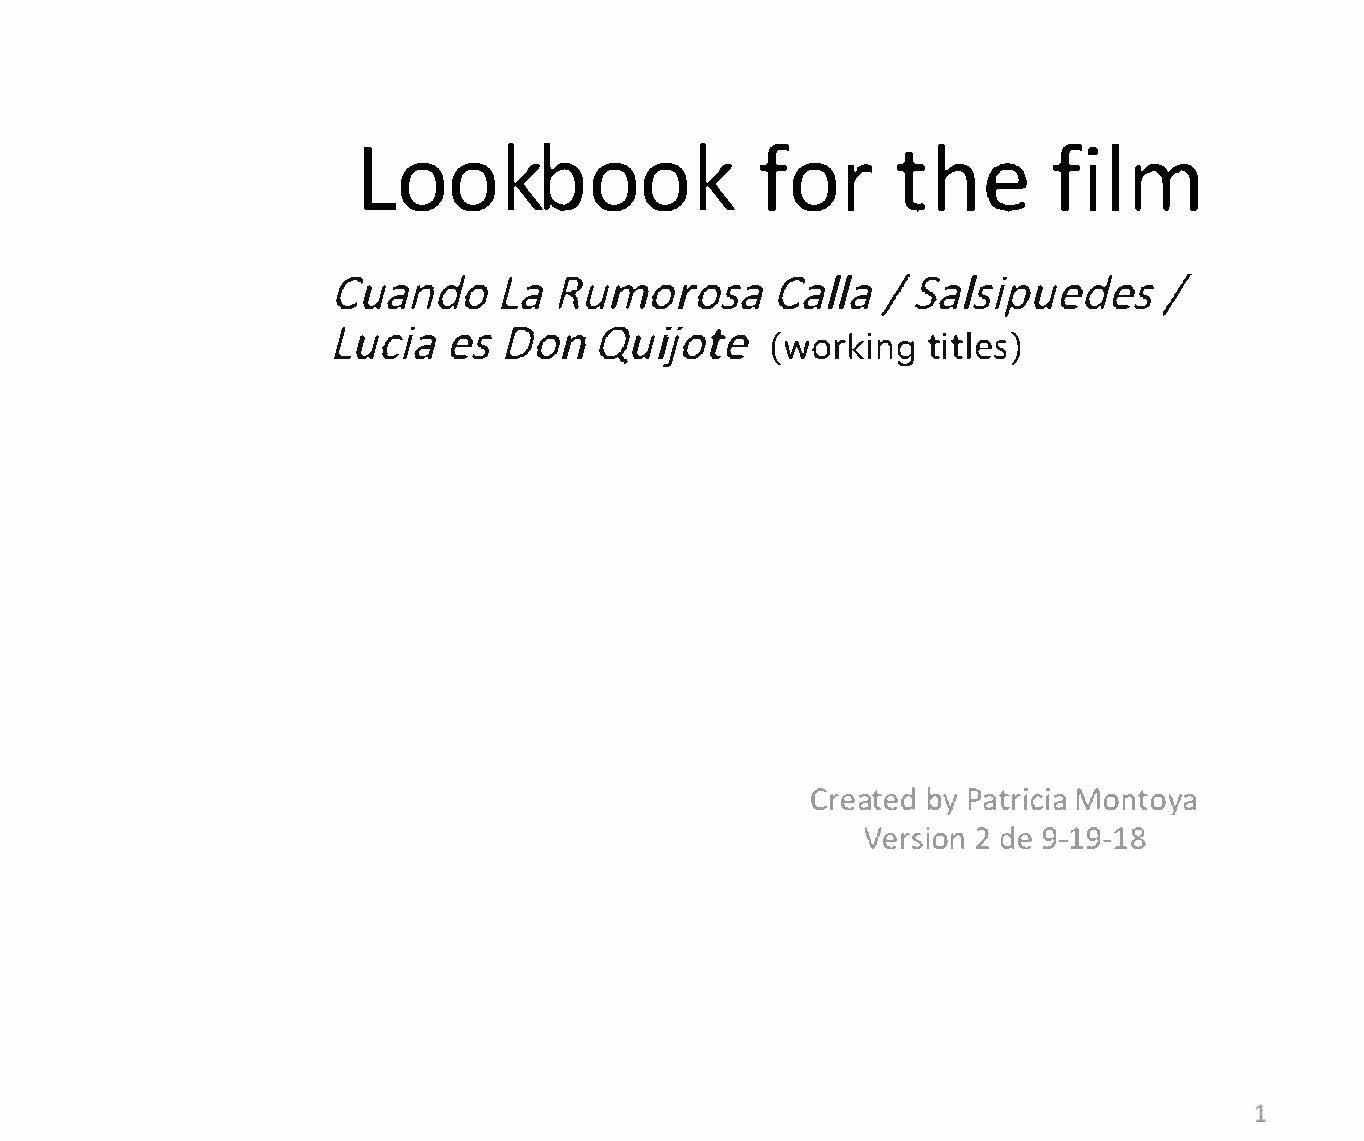 Lookbook  (image scrolls)